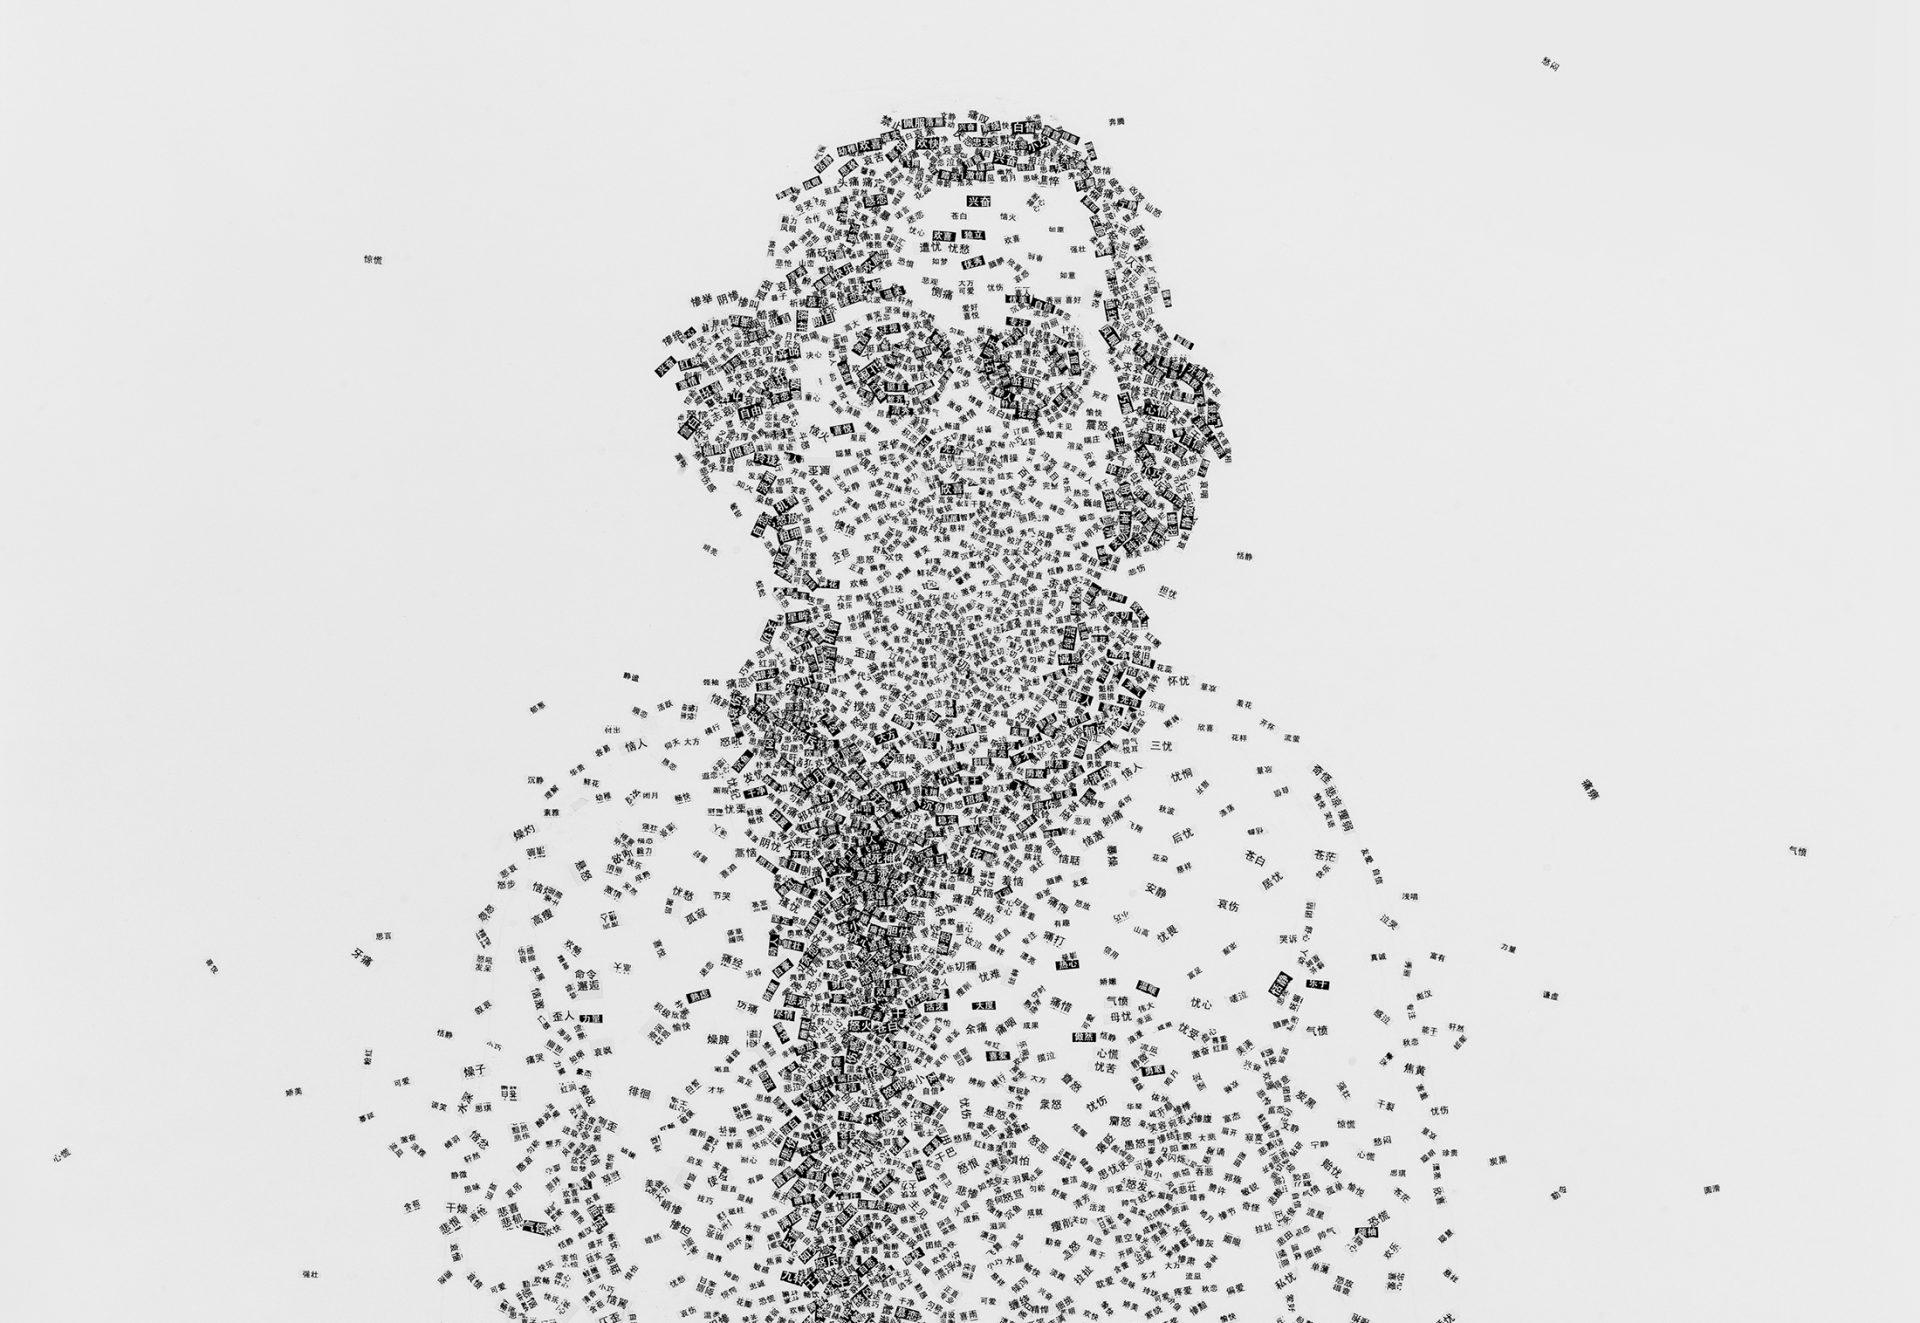 Wang Zhiyuan, Algorithm